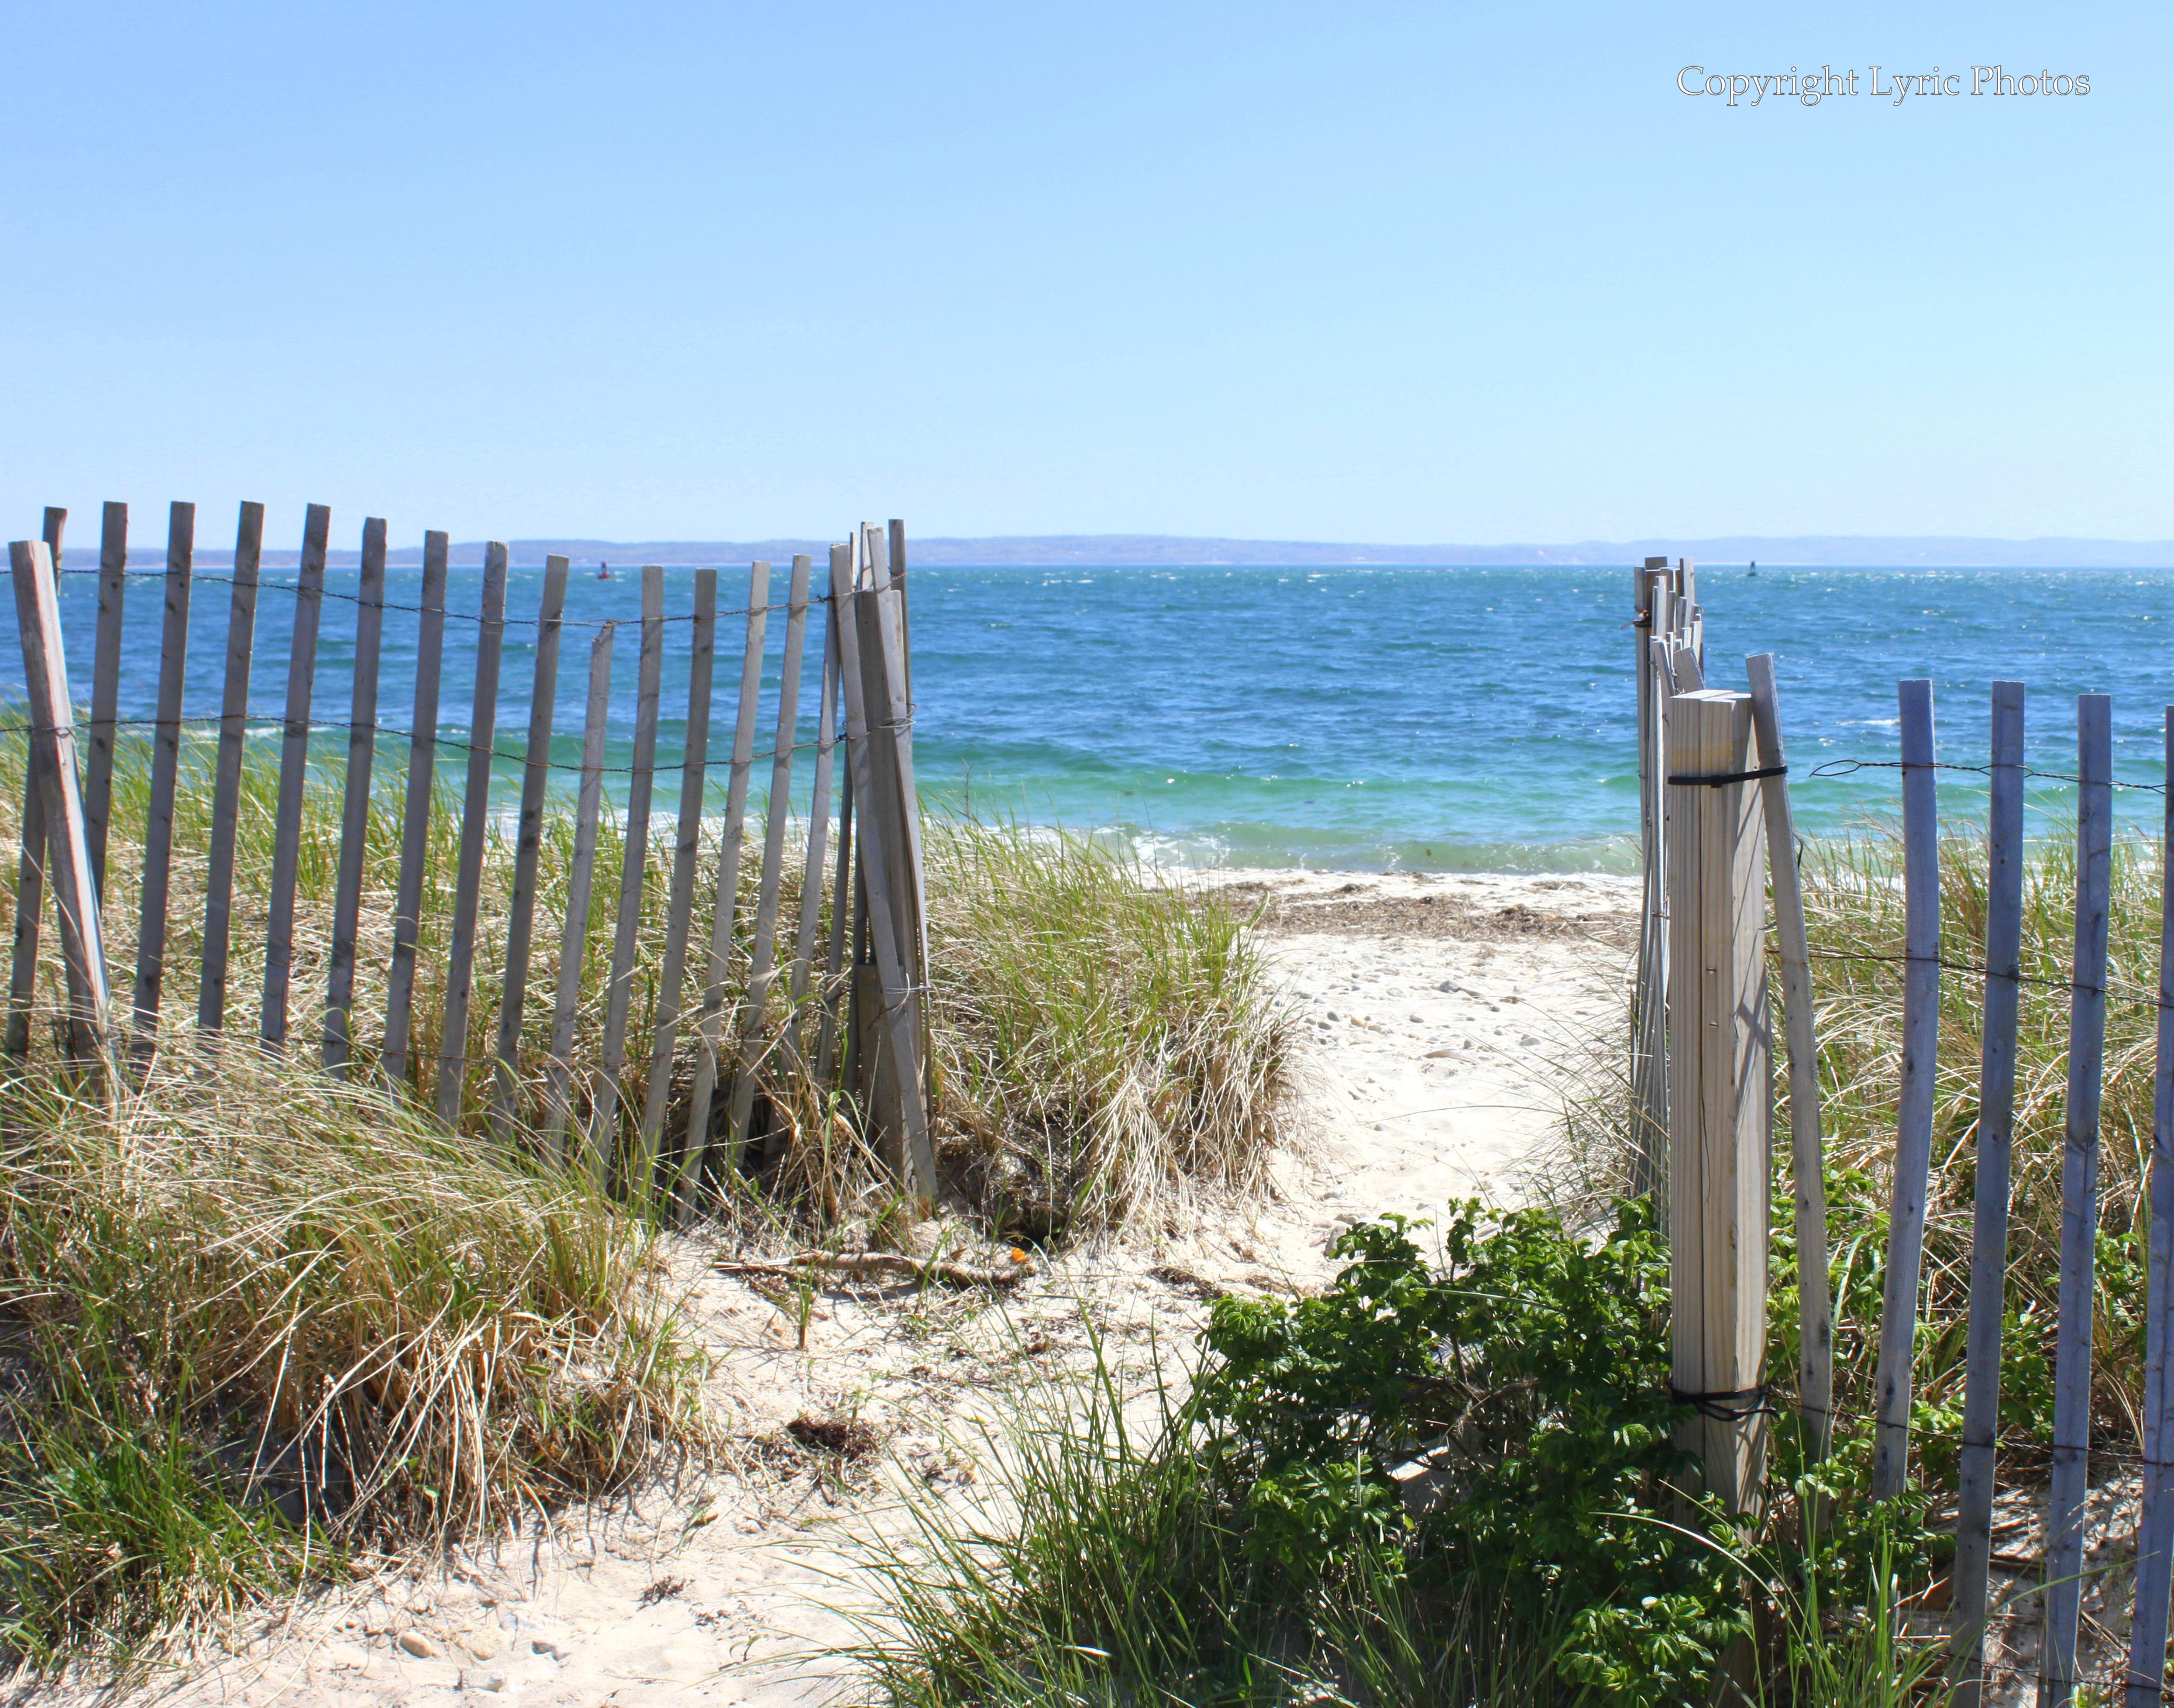 falmouth ma cape cod beach photo